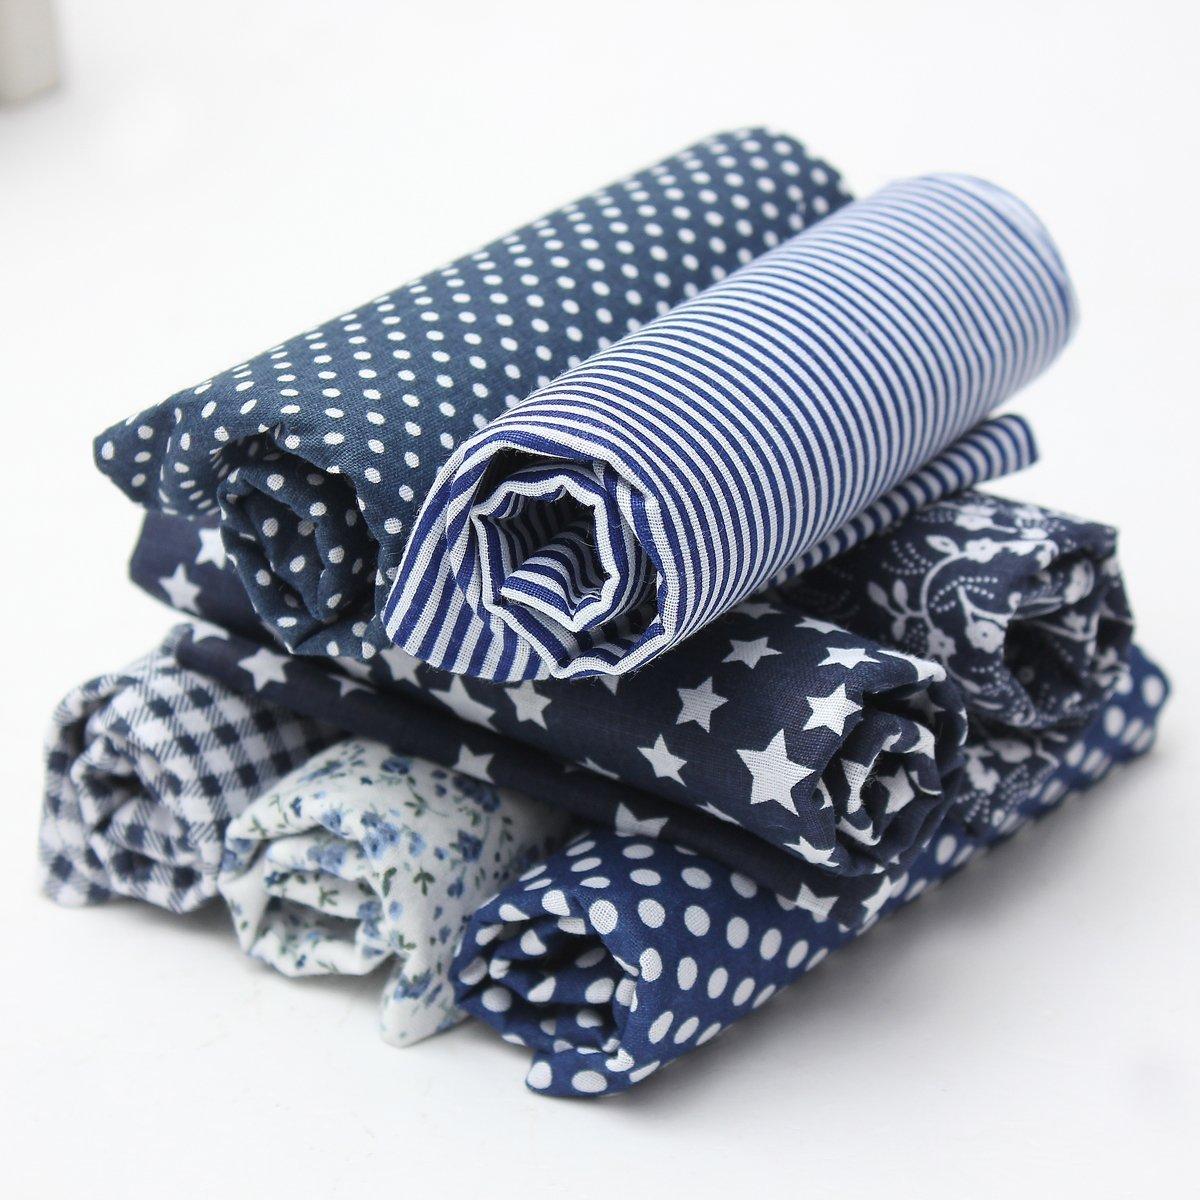 Leisial - 7 unidades de tela de algodón, tejidos estampados de algodón para coser,